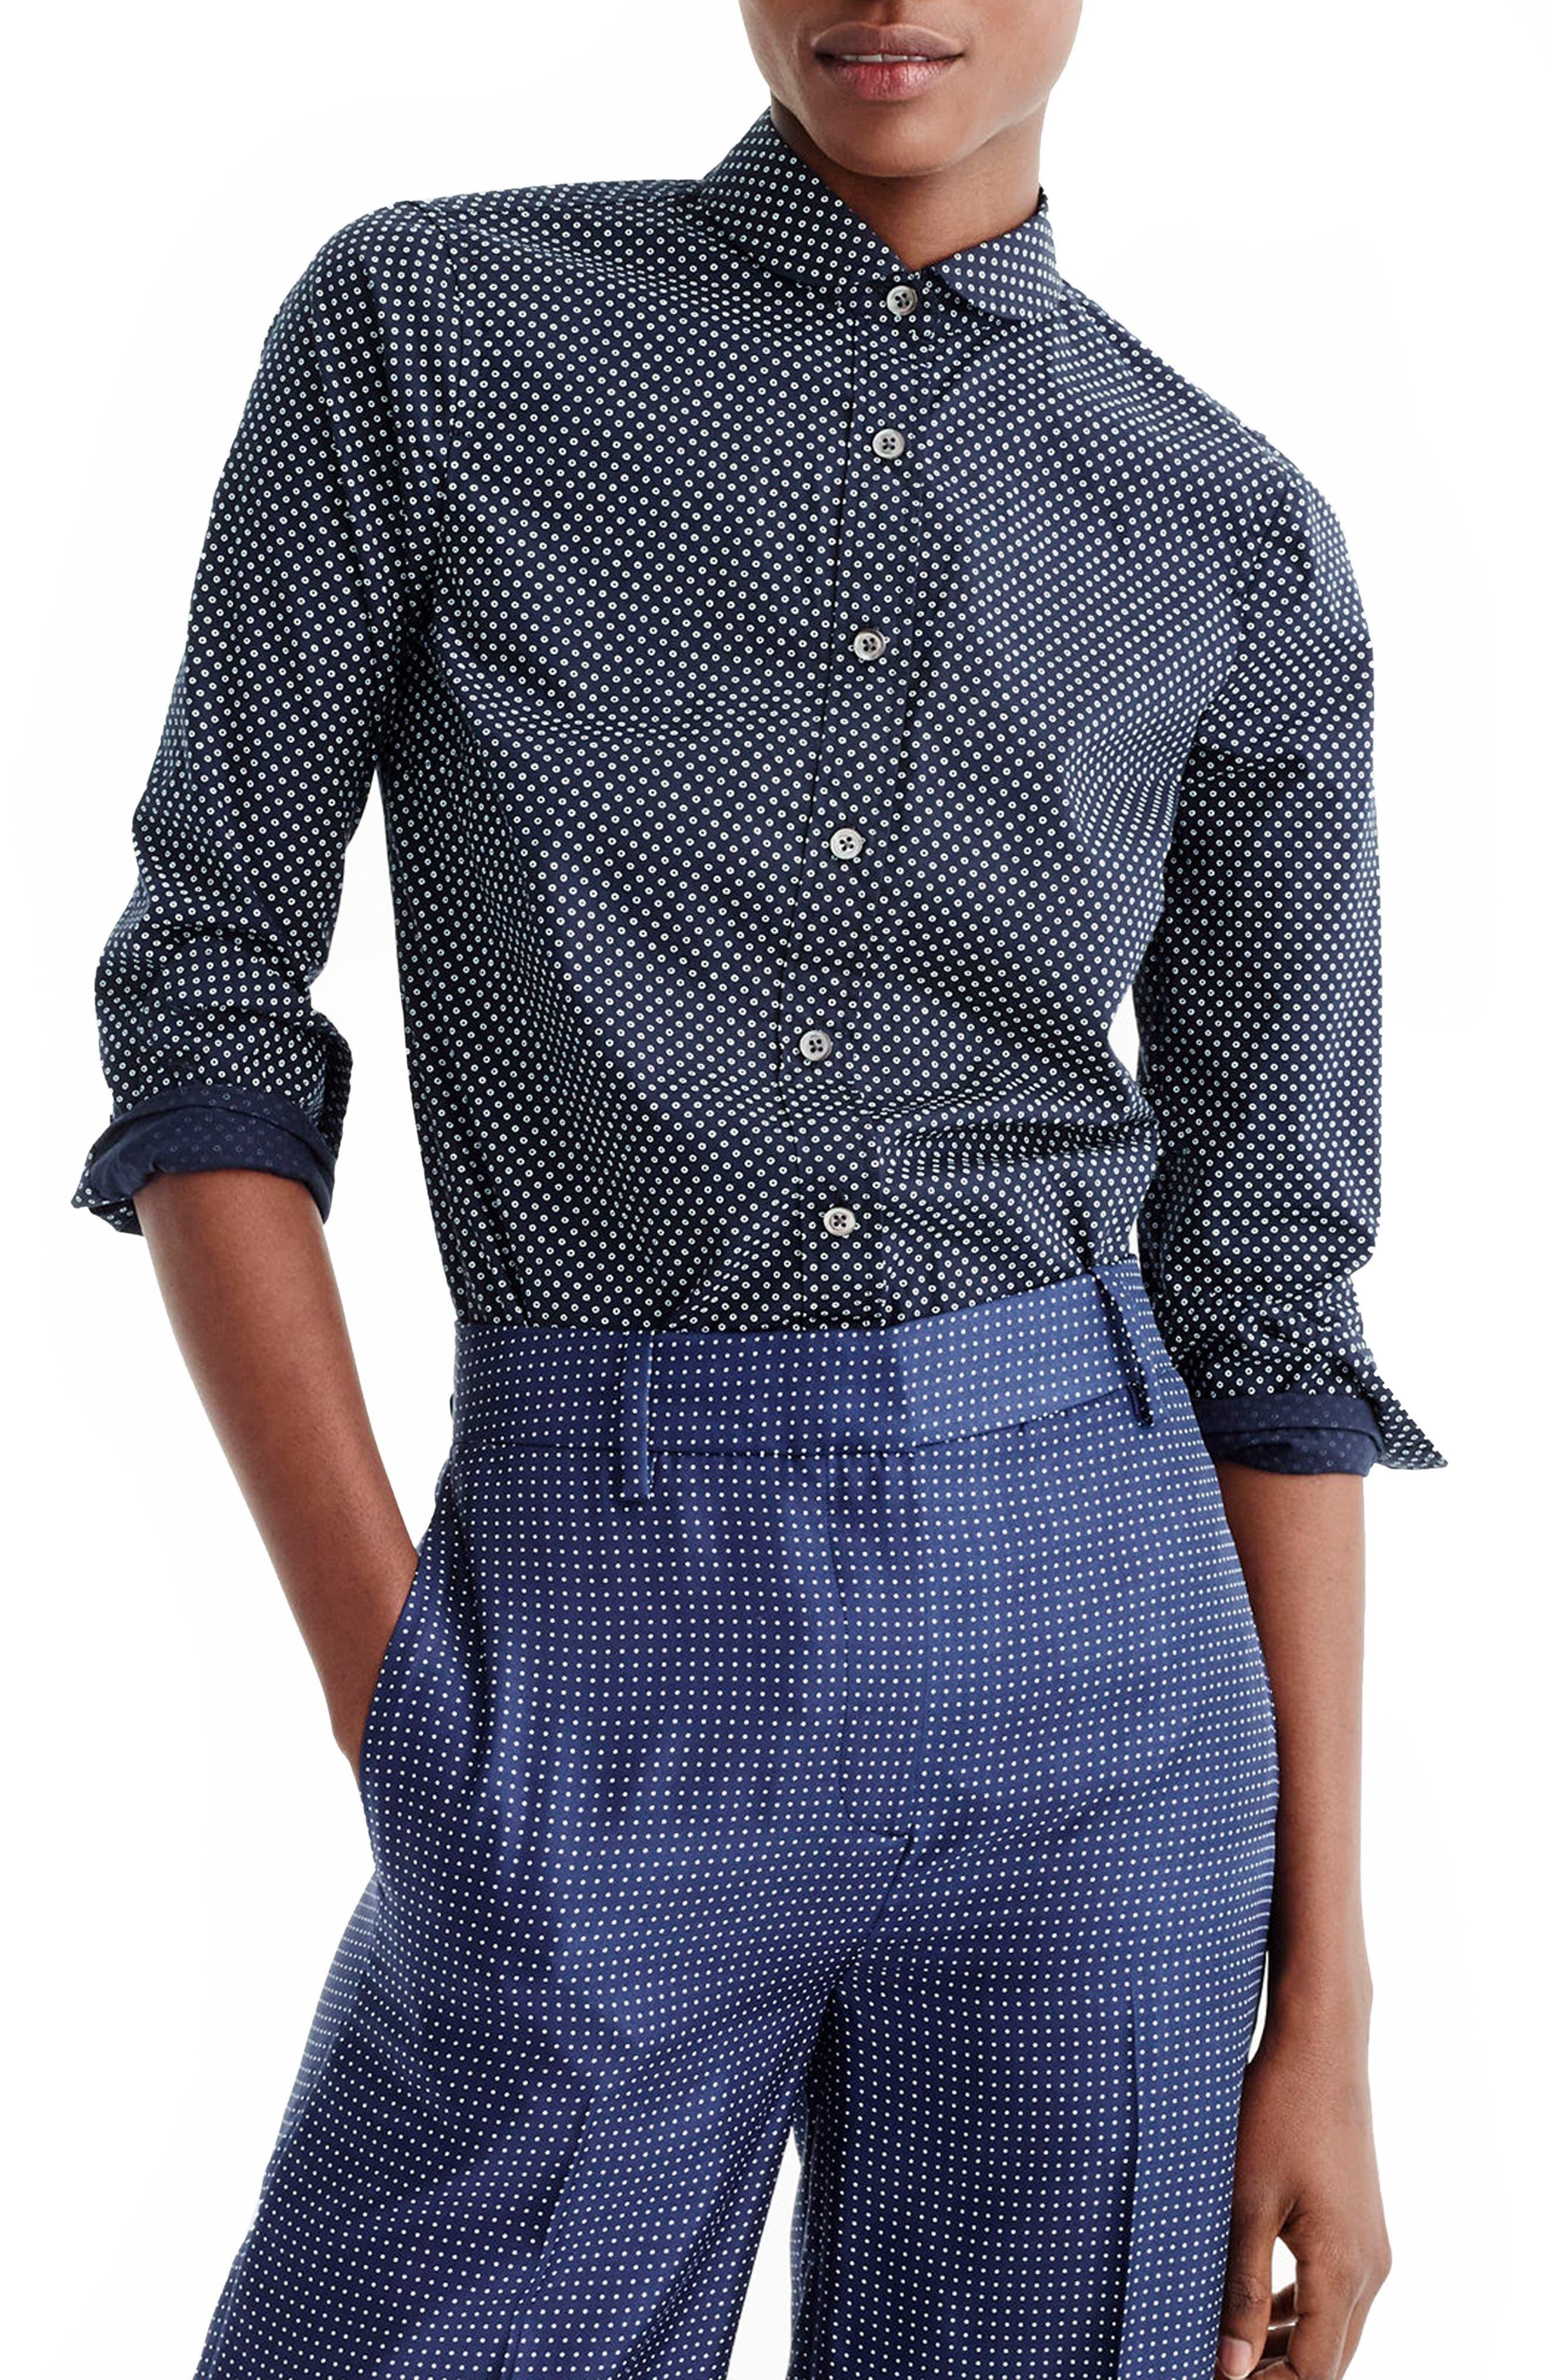 Main Image - J.Crew Polka Dot Button-Up Shirt (Regular & Petite)